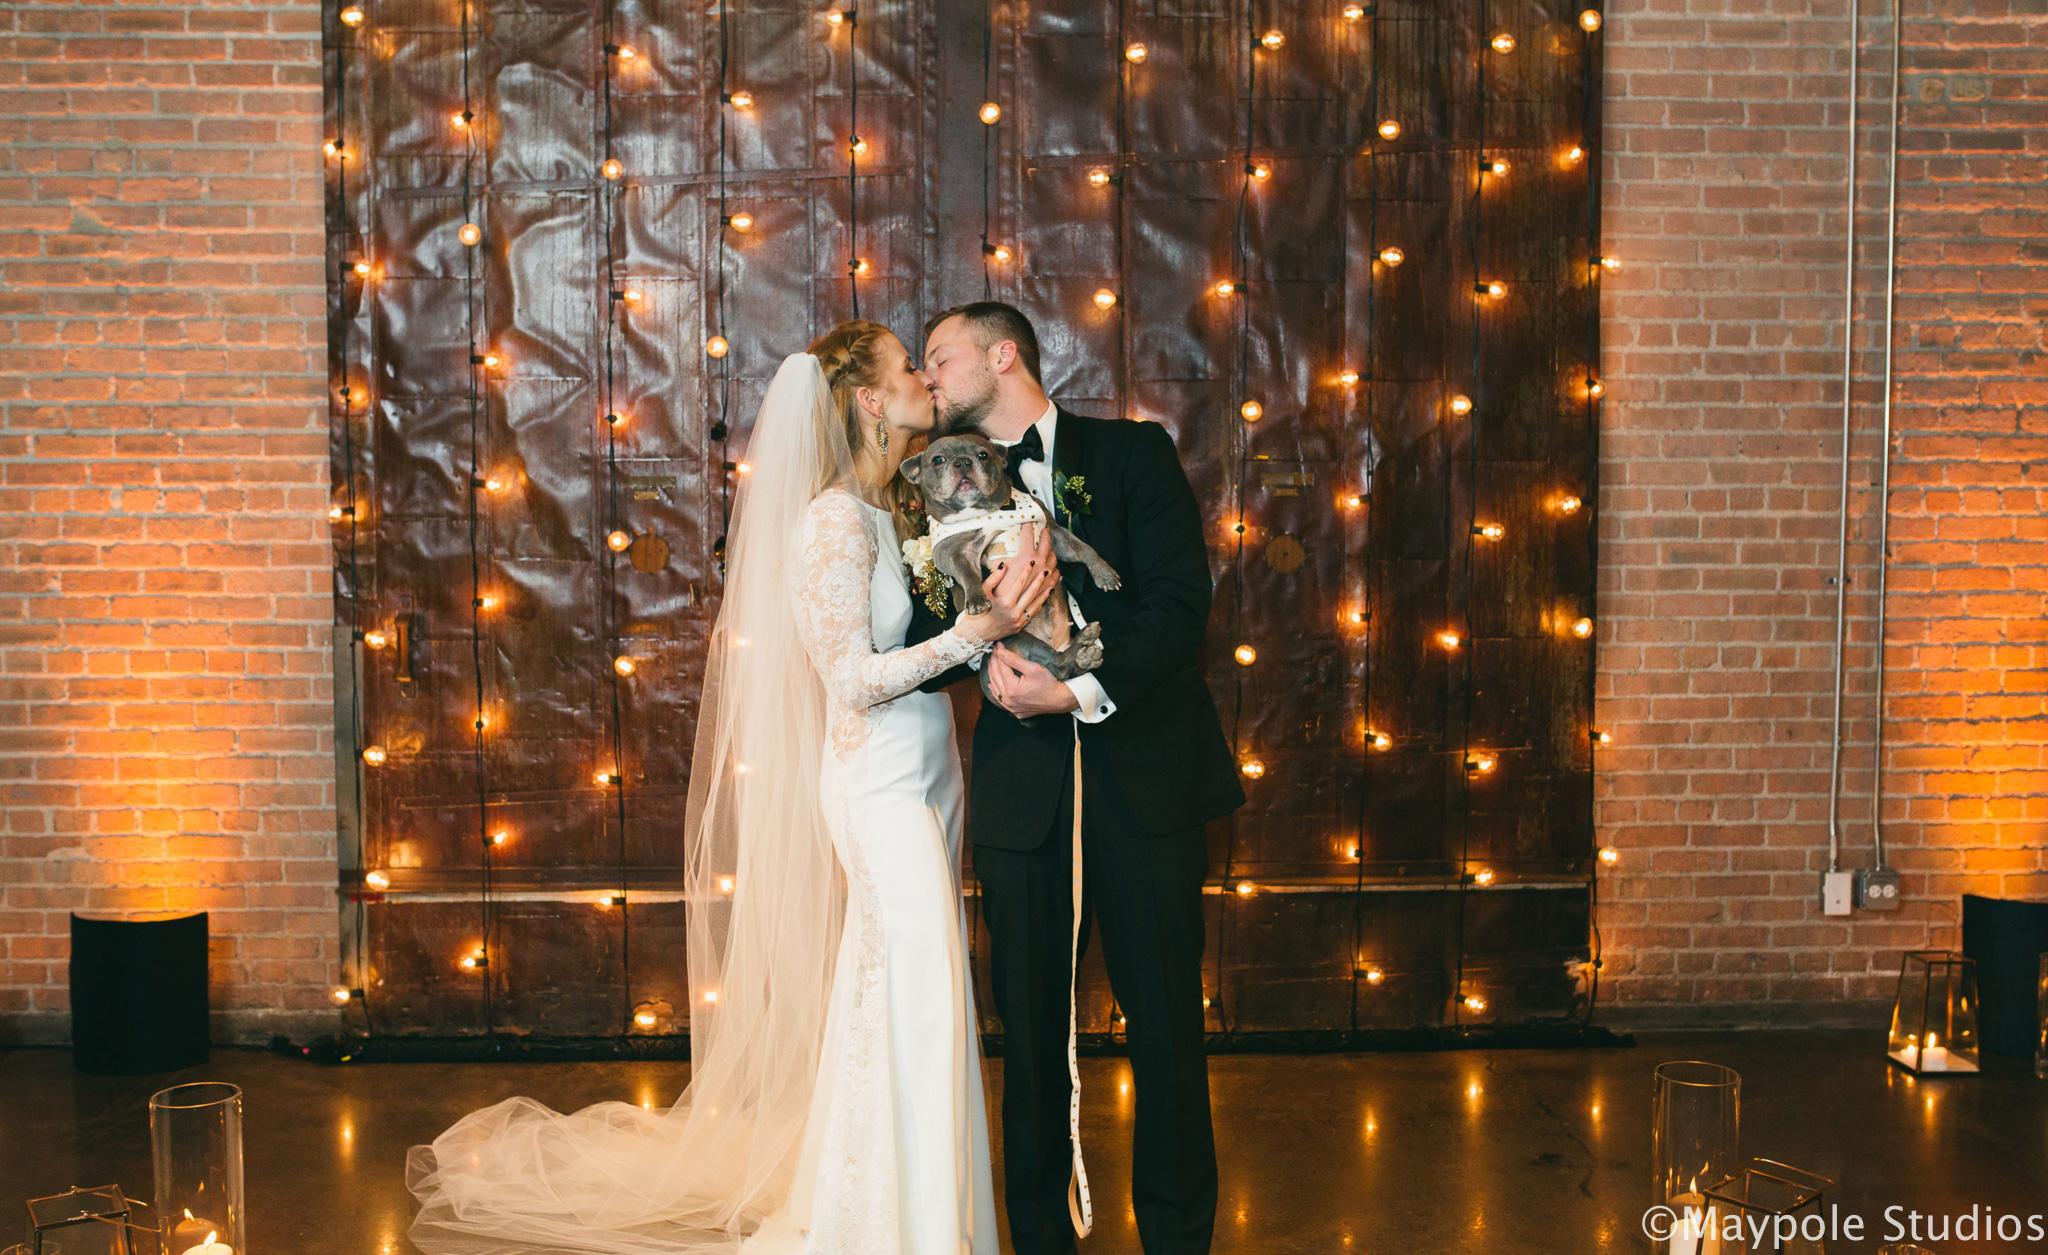 Allison & John's Wedding at Morgan Manufacturing